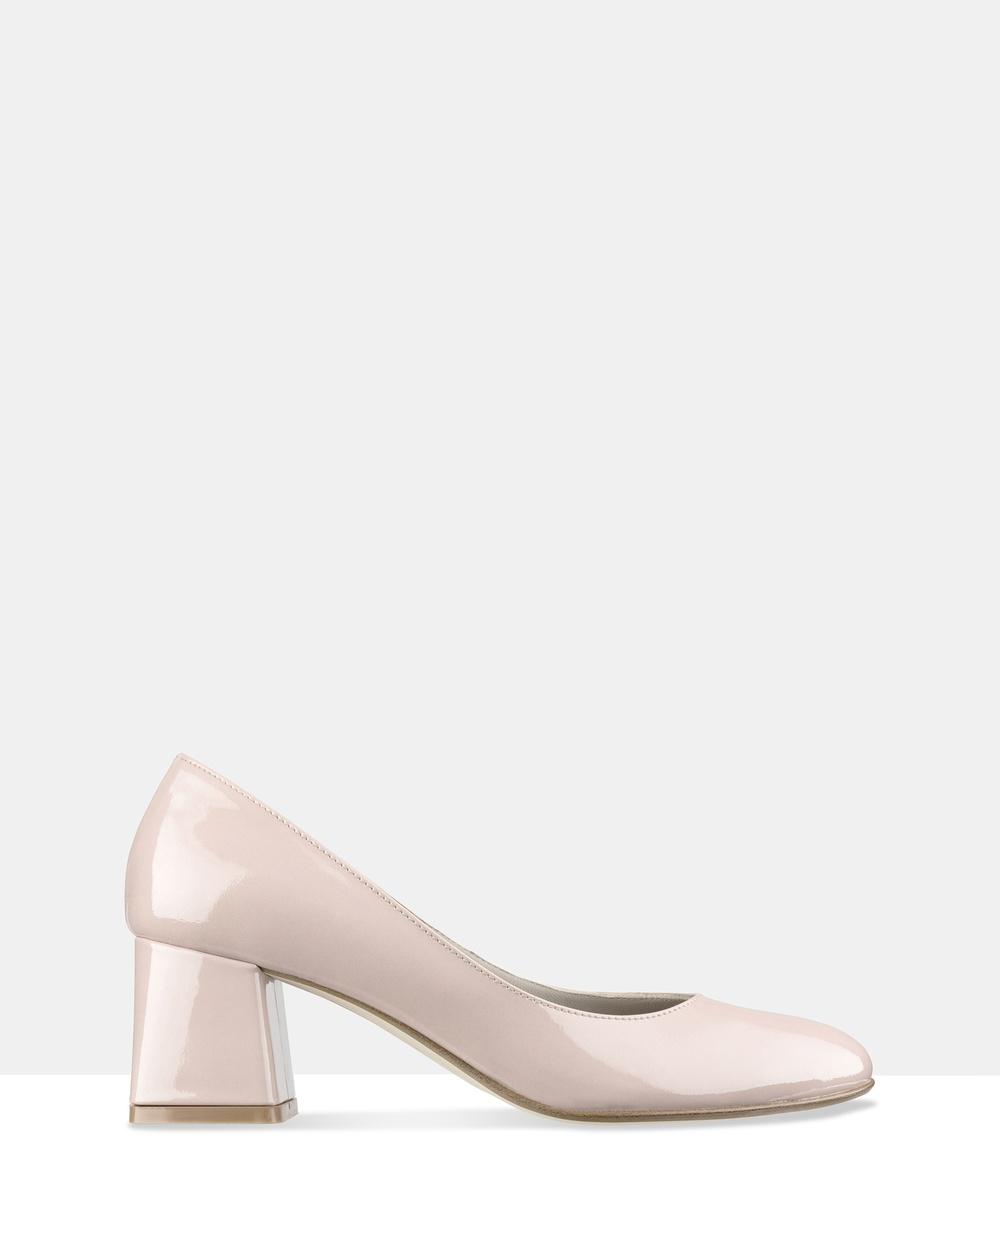 Habbot Barkly Block Heels Mid-low heels Pink Barkly Block Heels